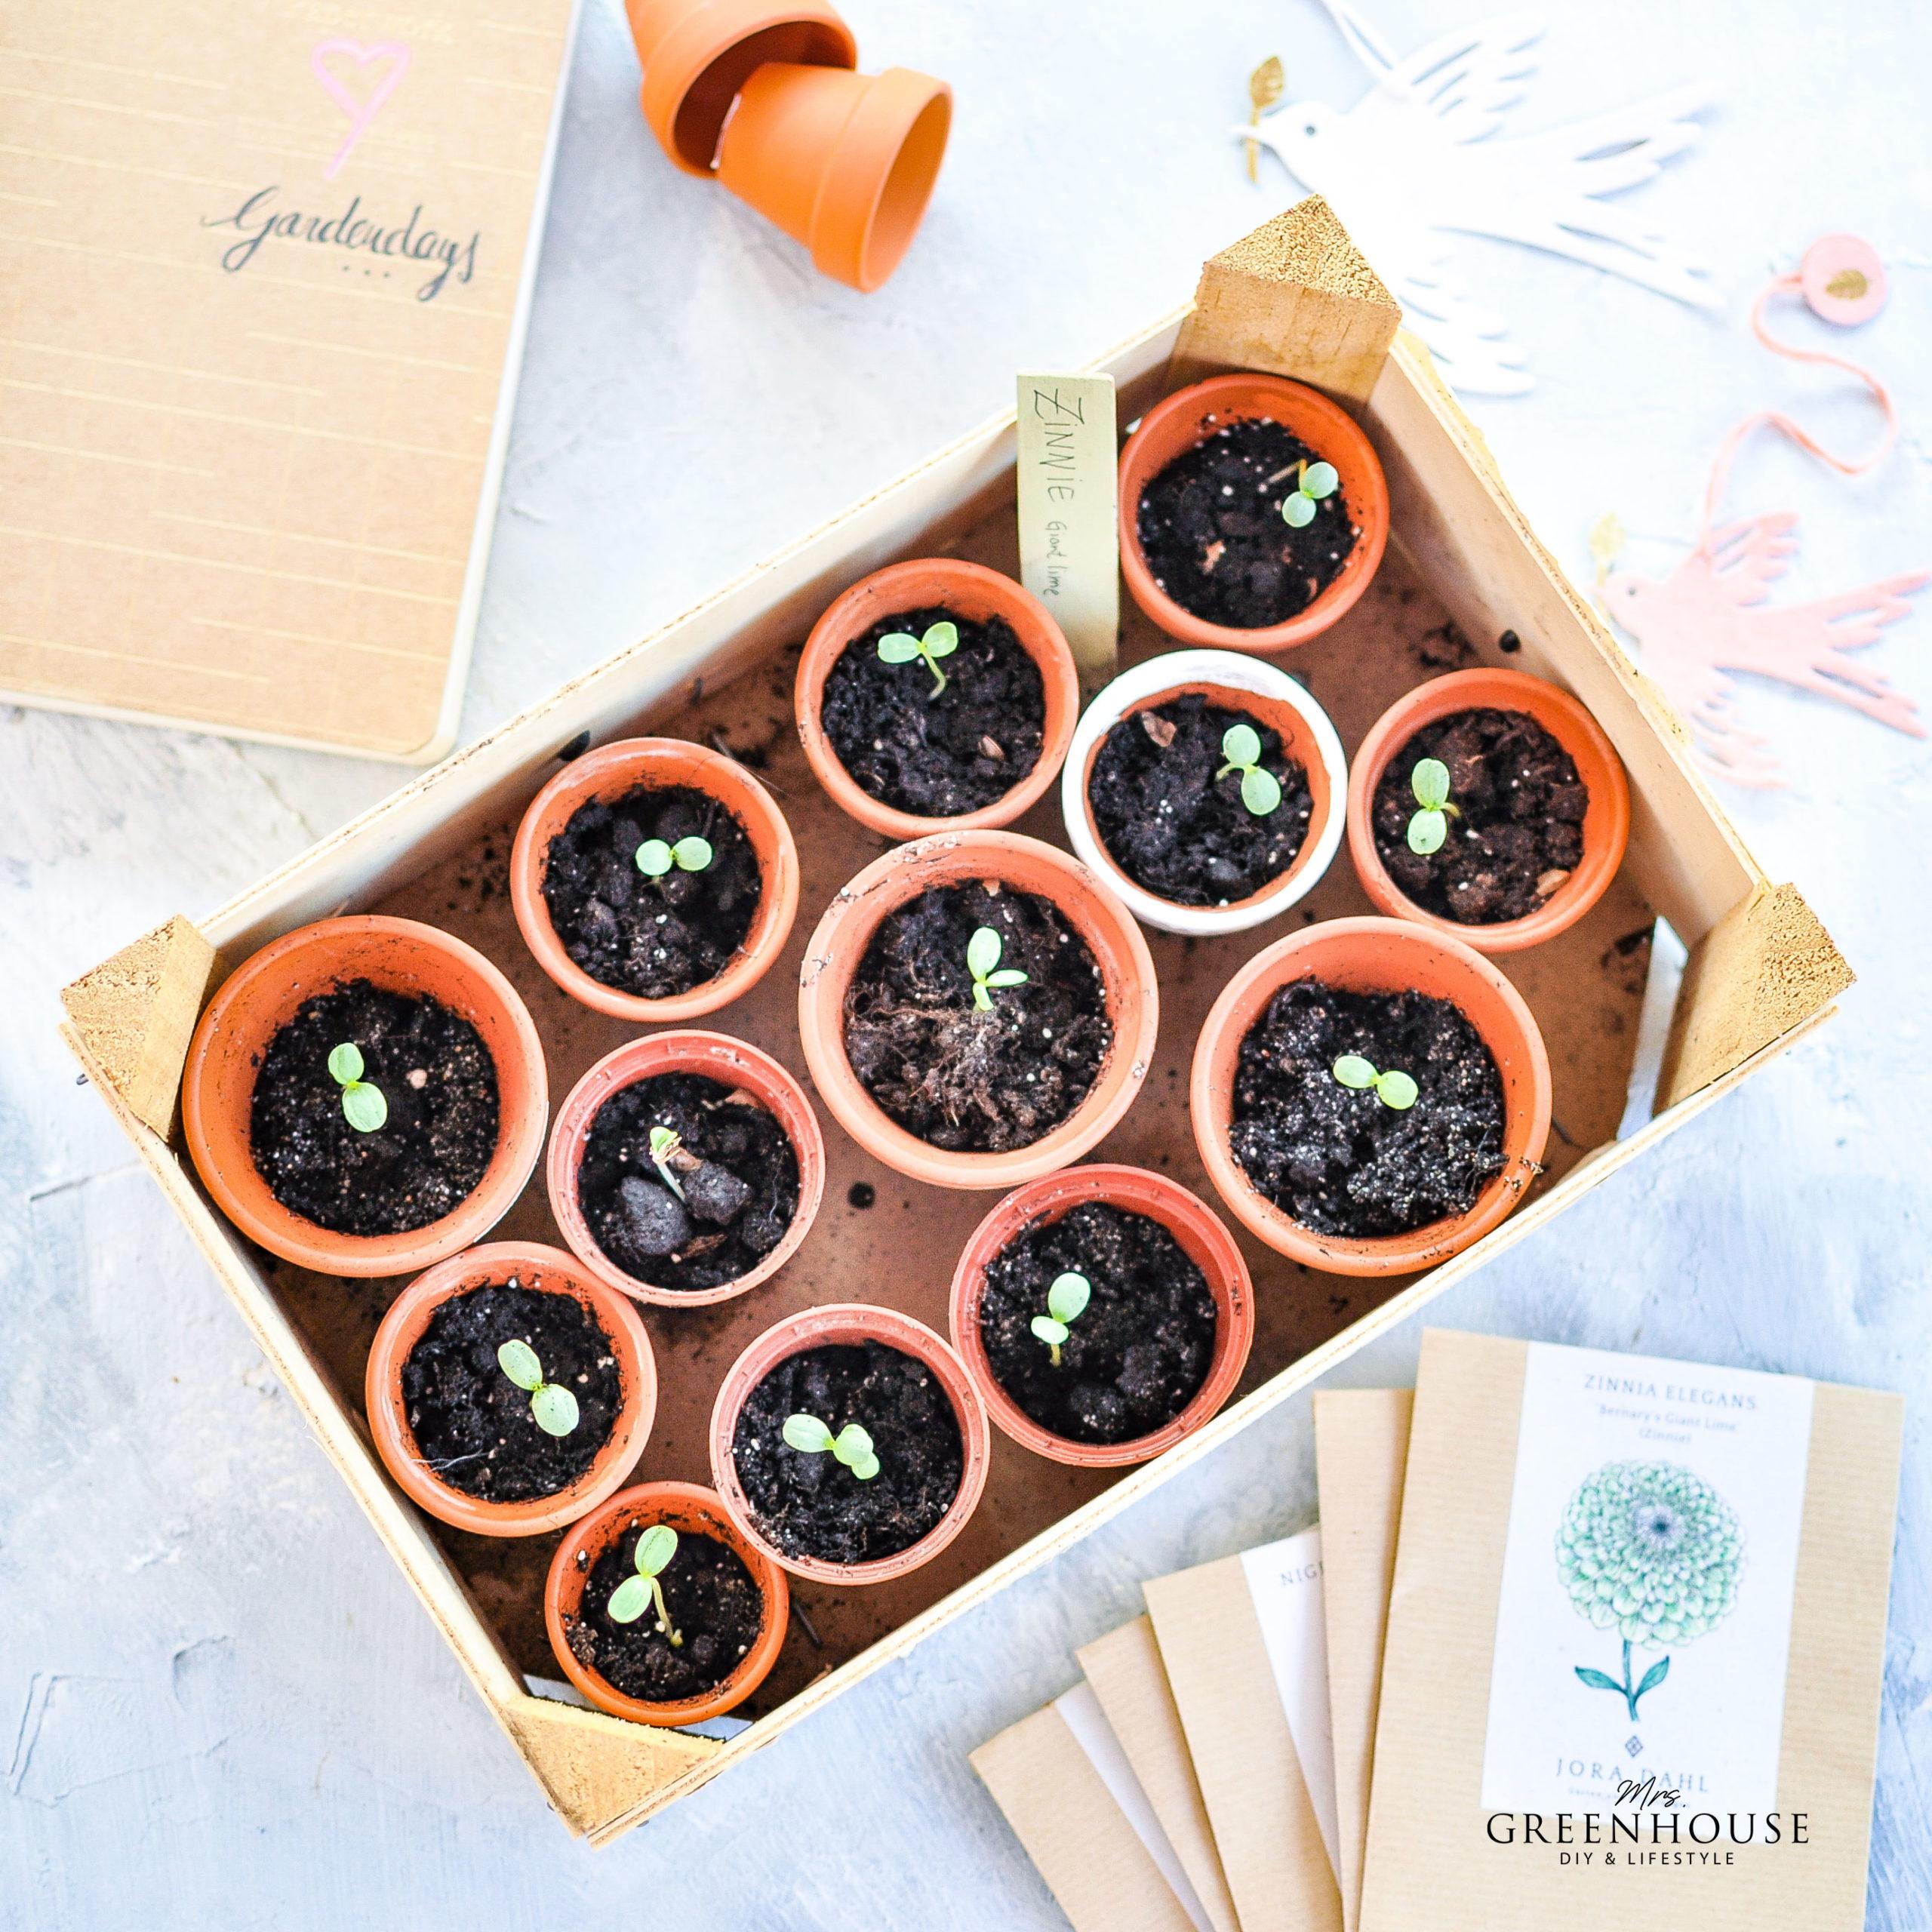 Kleine Töpfe mit vorgezogenen Trochenblumenpflanzen